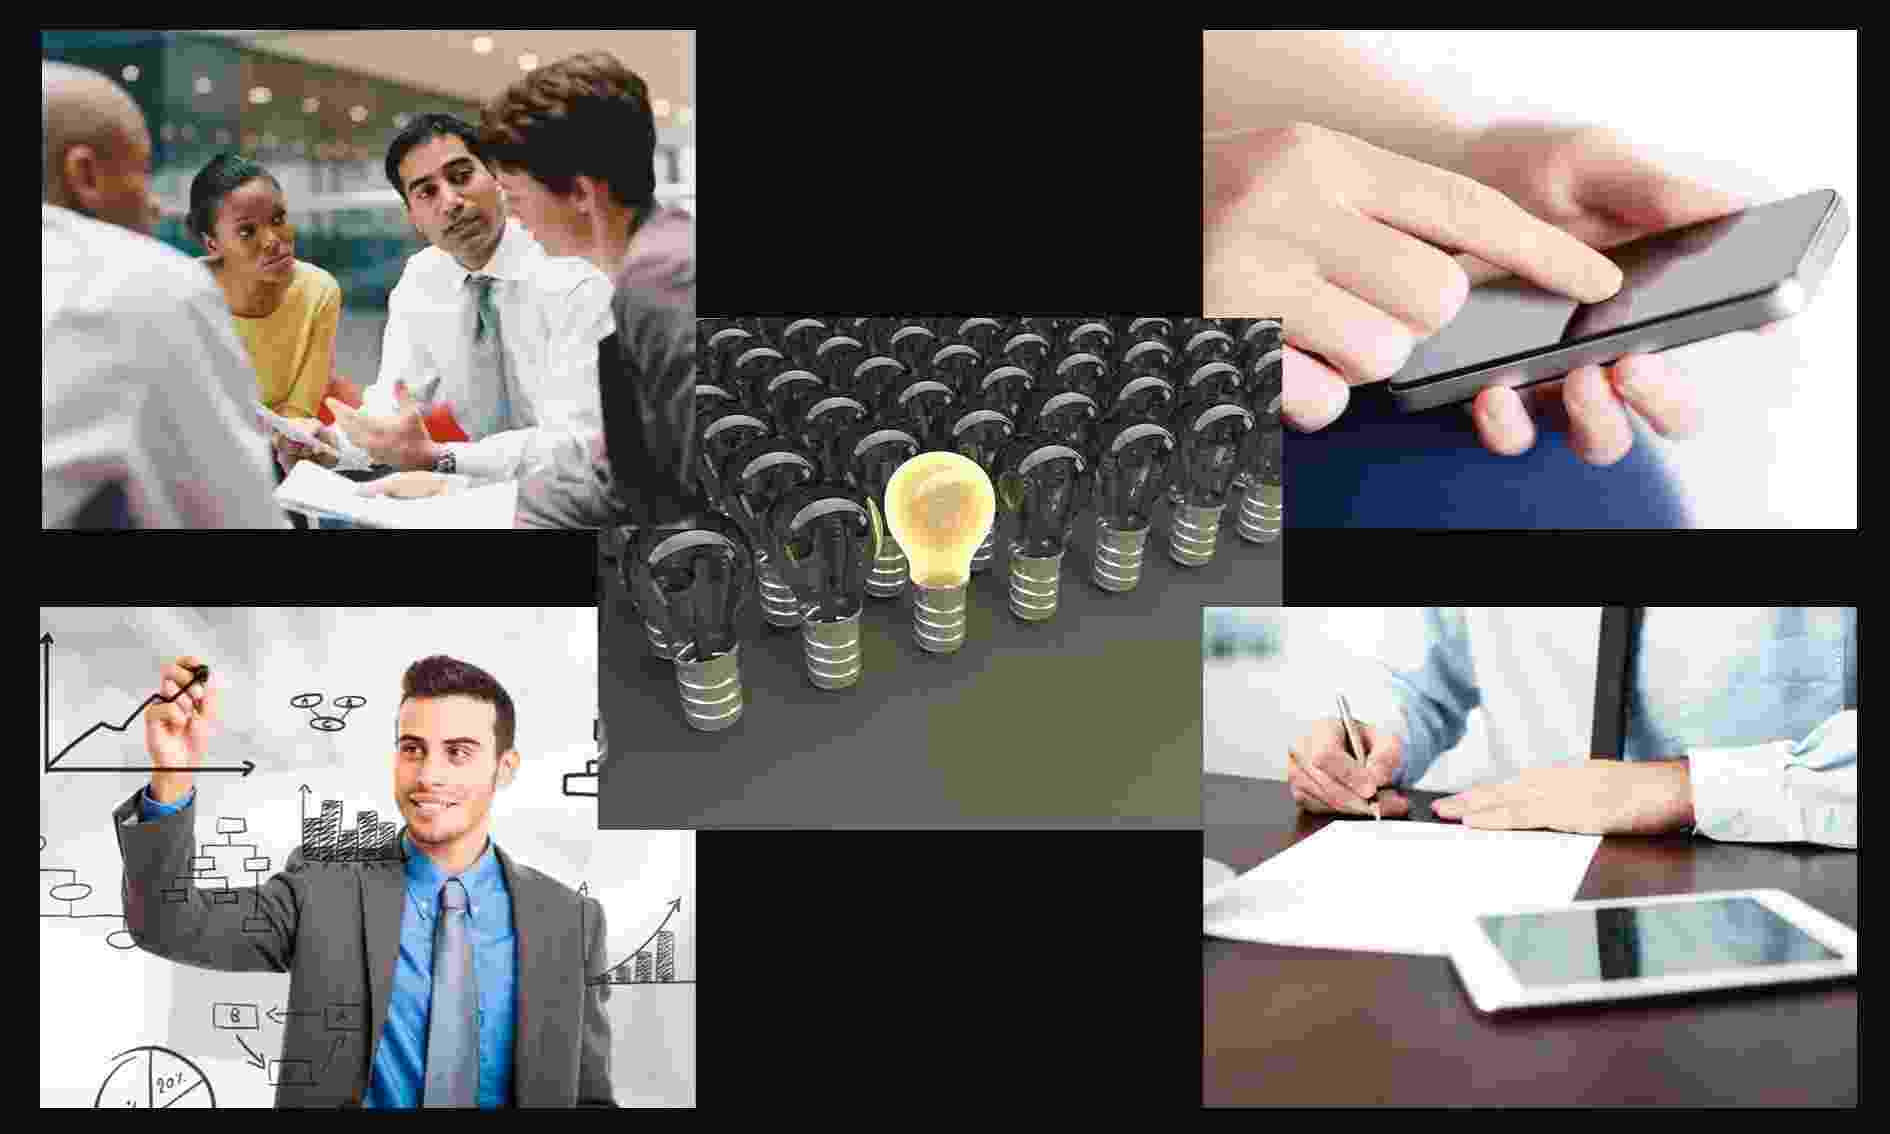 Empreendedorismo; dicas para ser fornecedor de grandes empresas - Arte/UOL